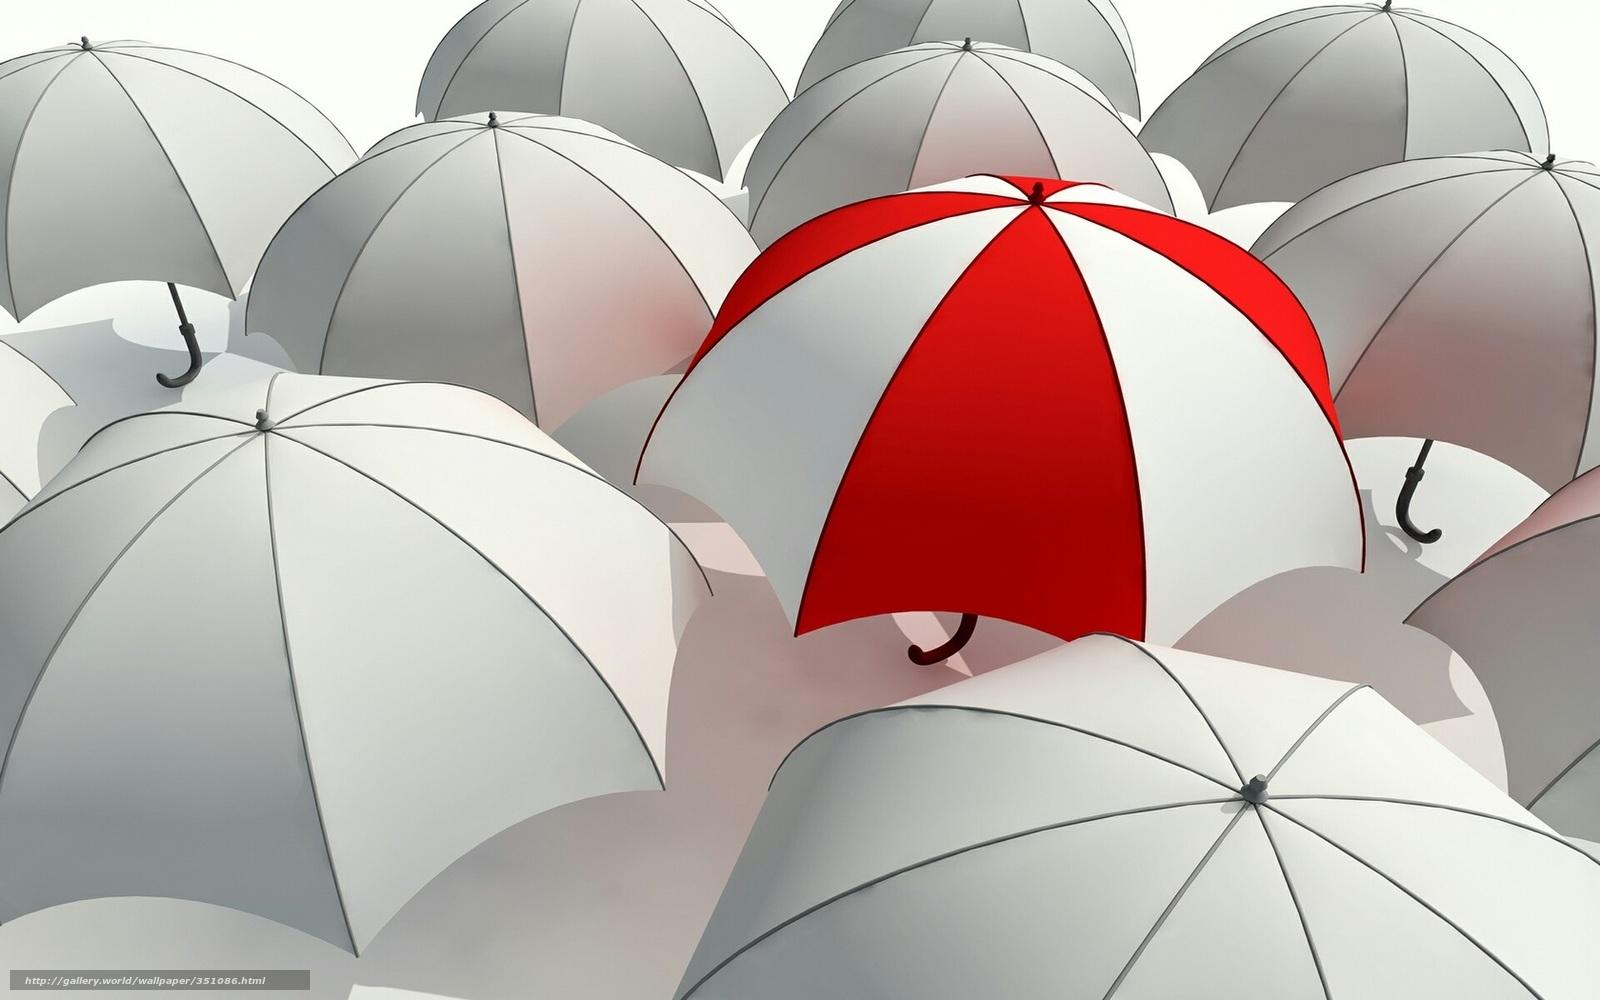 Скачать обои зонт,  зонтик,  серость,  отличие бесплатно для рабочего стола в разрешении 1680x1050 — картинка №351086